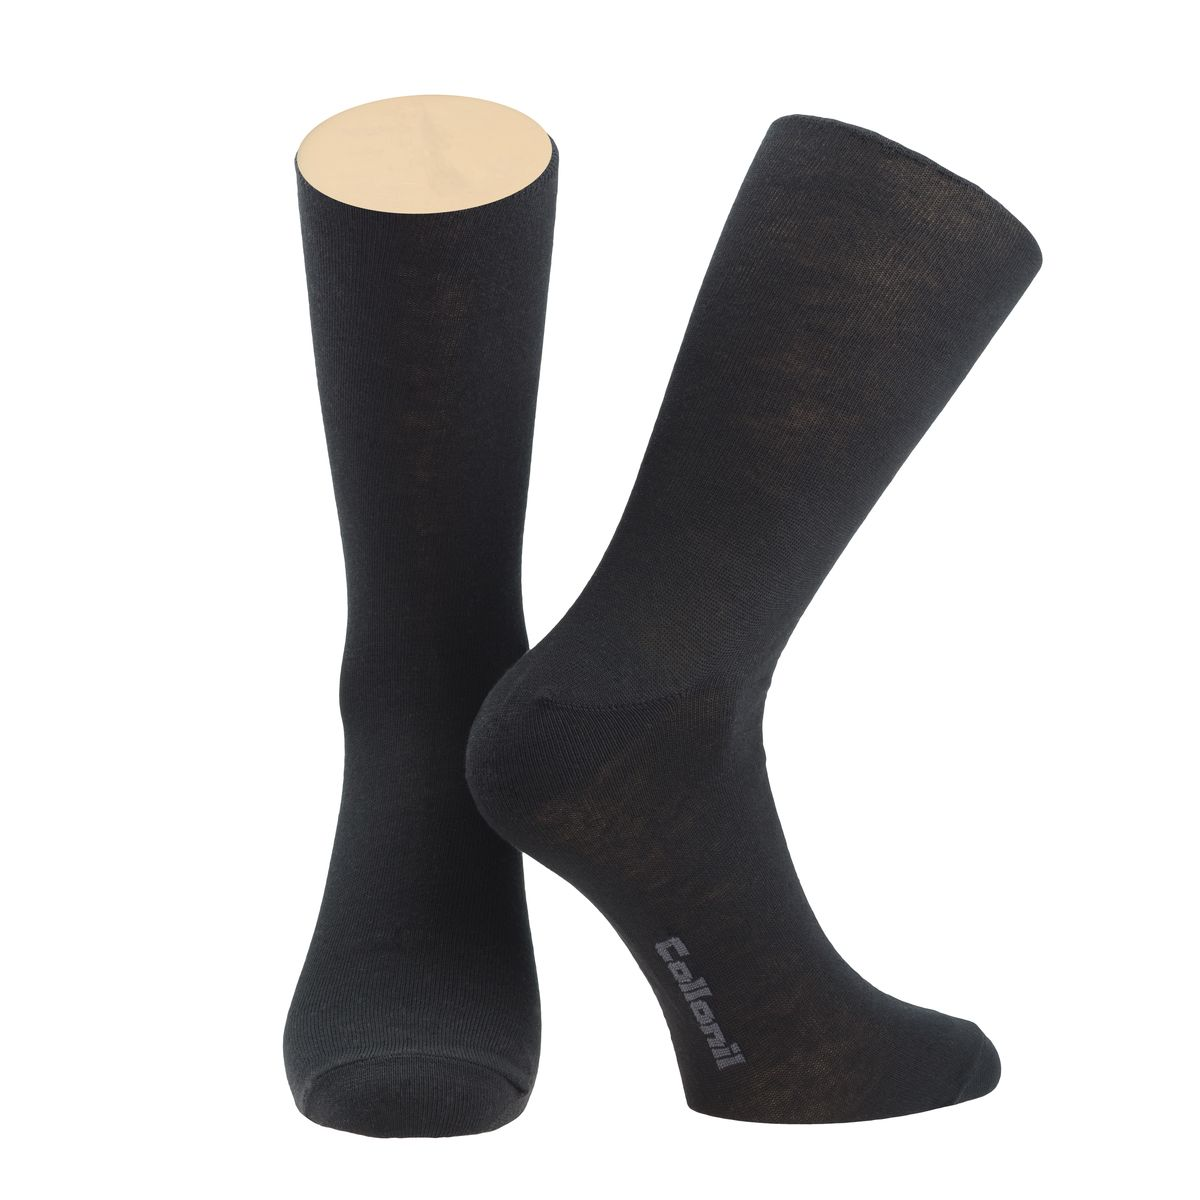 Носки мужские Collonil, цвет: черный, 2 пары. CE3-40/01. Размер 43-46CE3-40/01Мужские носки Collonil изготовлены из эластичного хлопка с добавлением полиамида.Удлиненная широкая резинка не сдавливает и комфортно облегает ногу.В комплекте 2 пары.